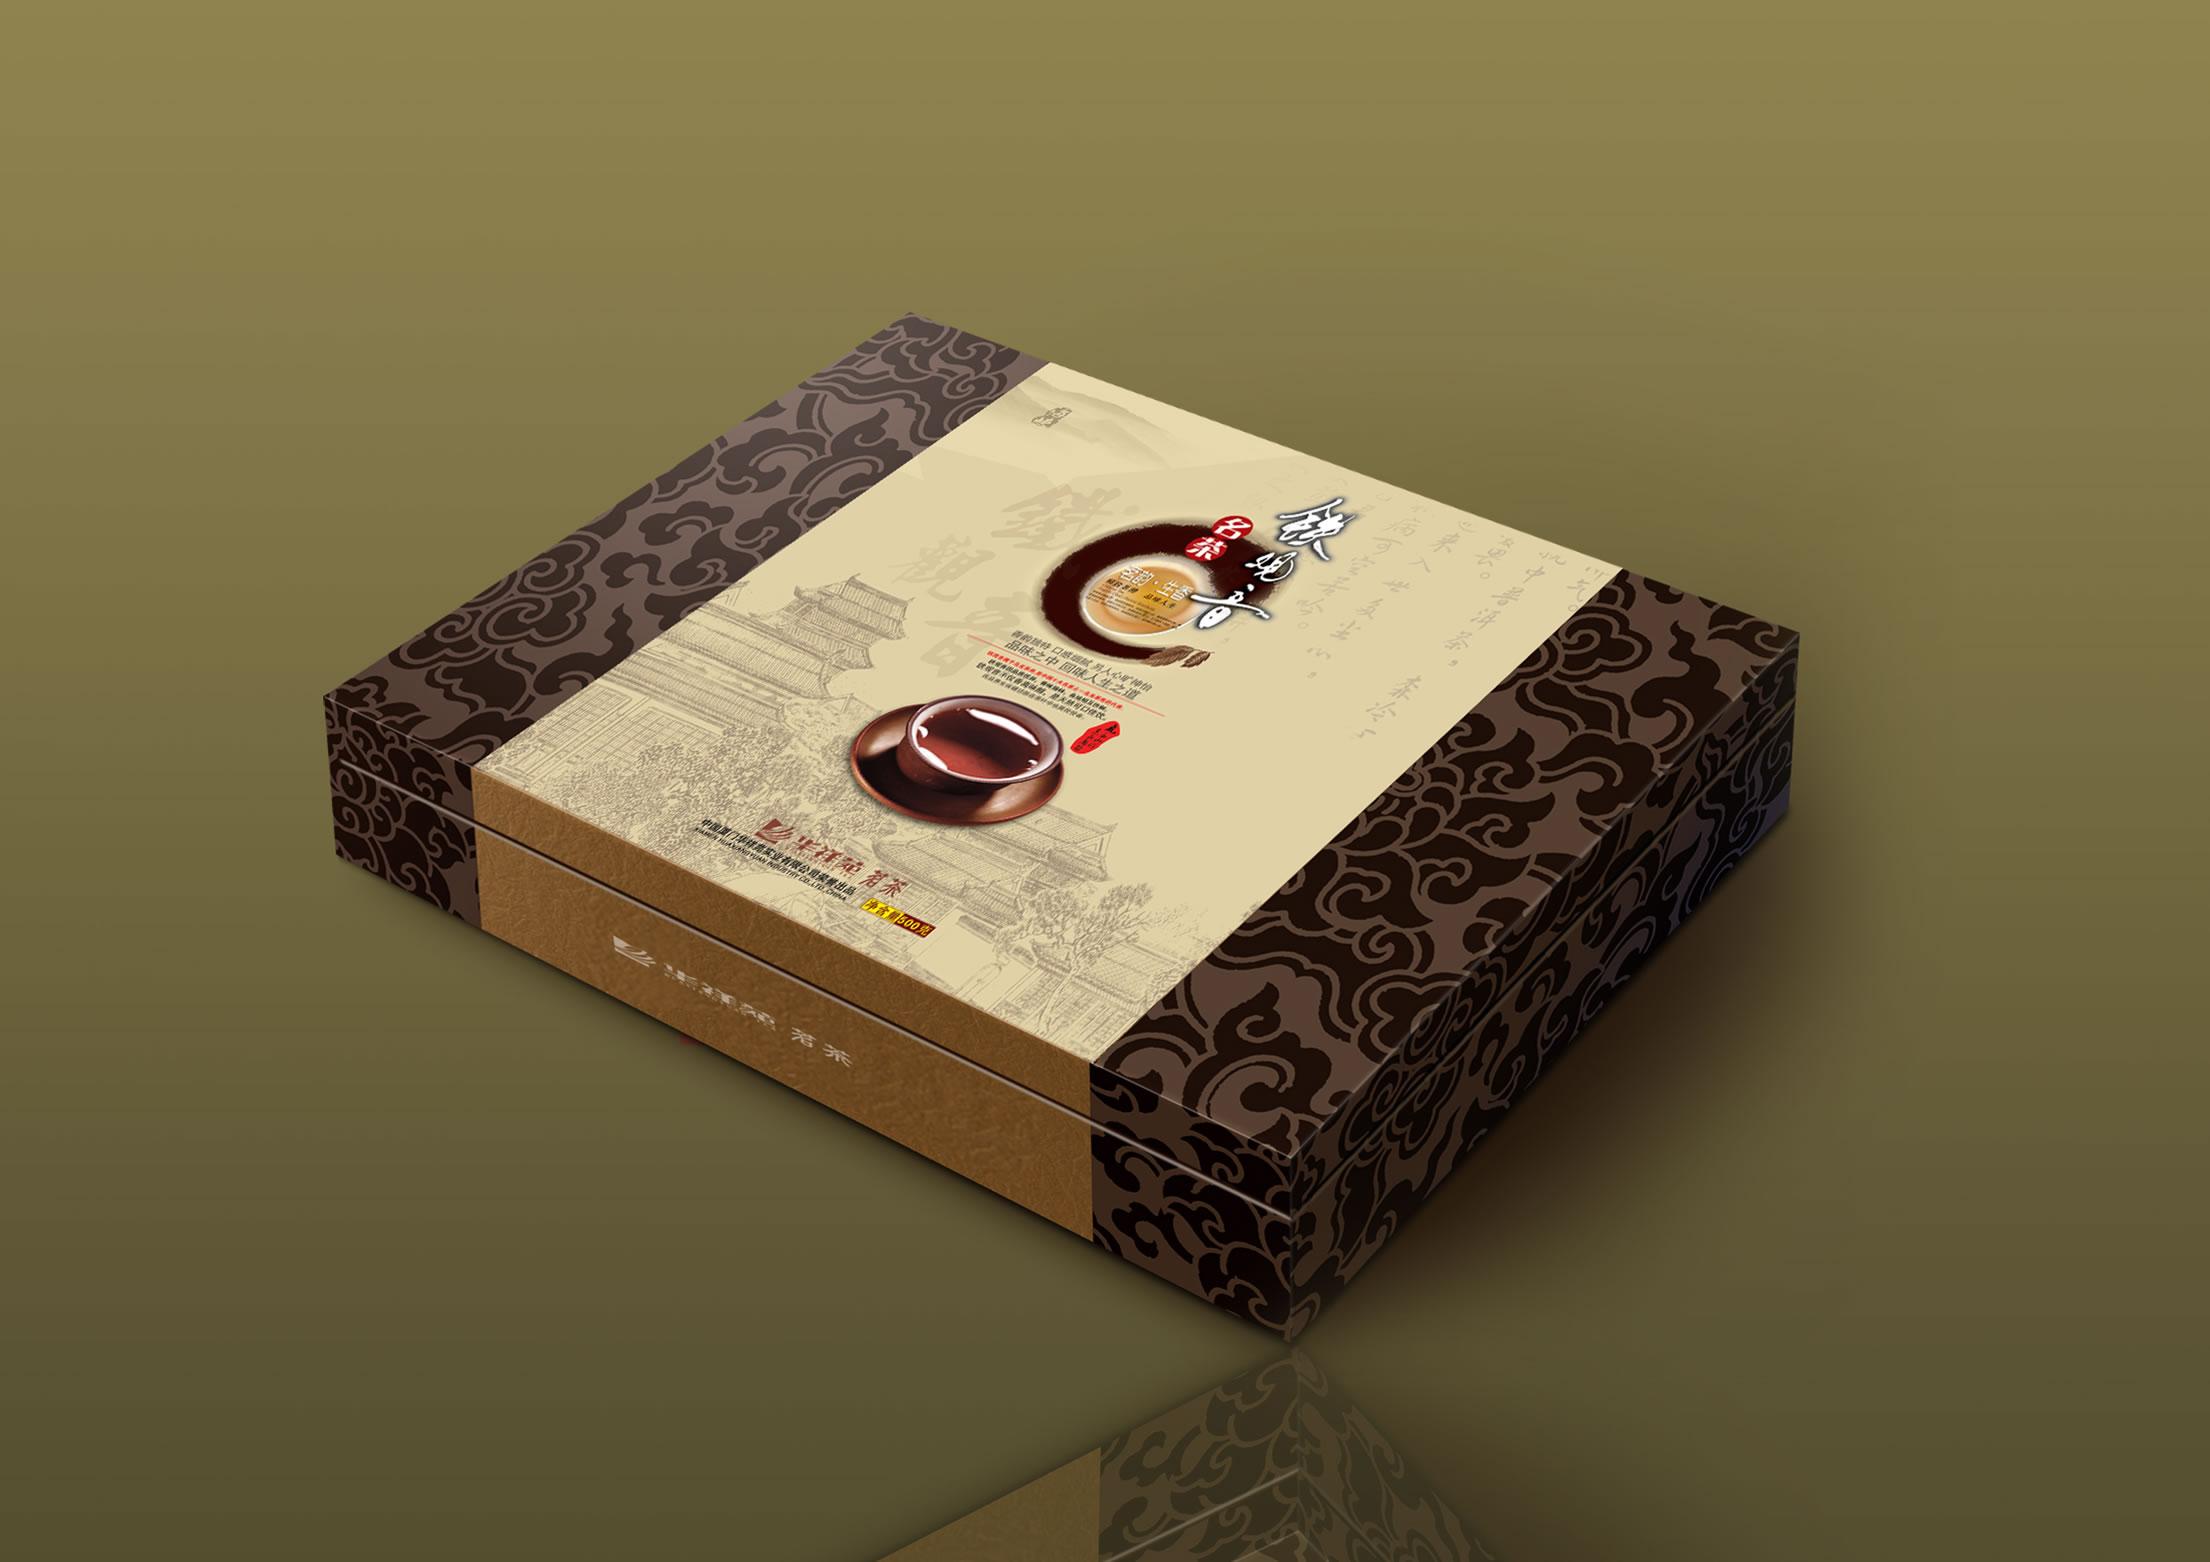 精美茶叶盒包装设计印刷案例欣赏